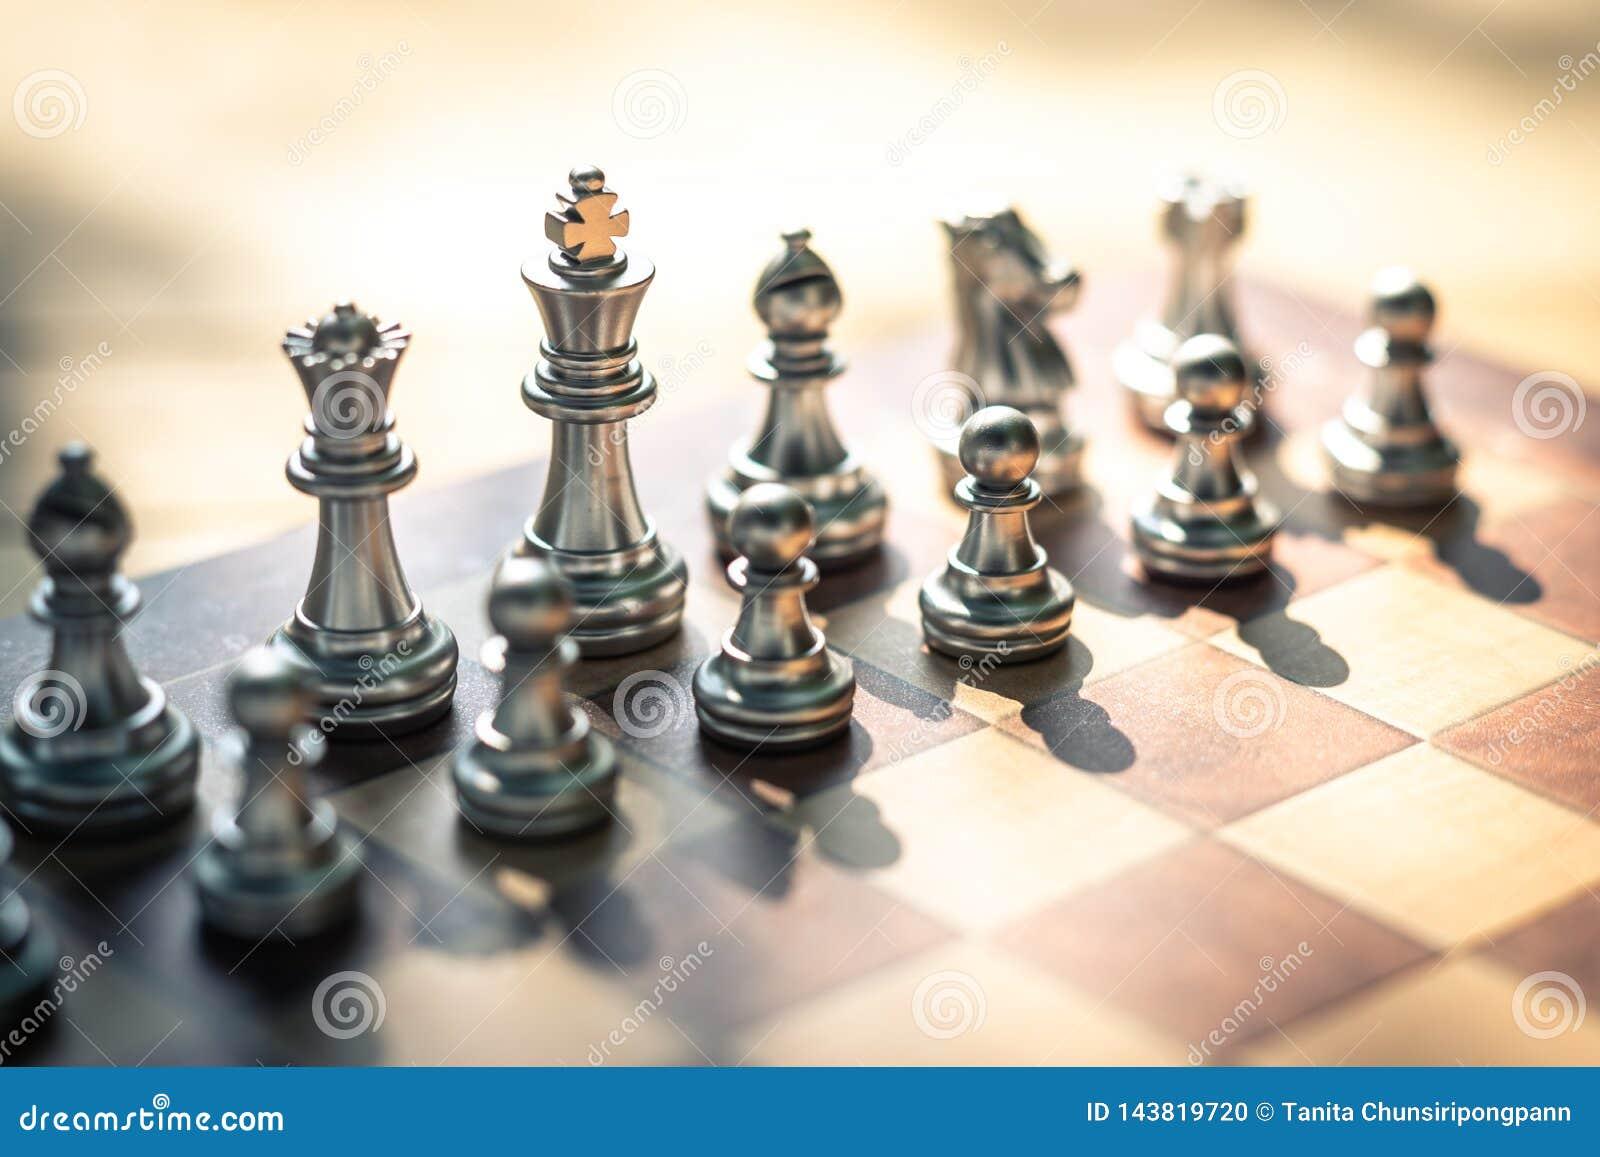 Szachowa gra planszowa, biznesowy konkurencyjny poj?cie, kopii przestrze?